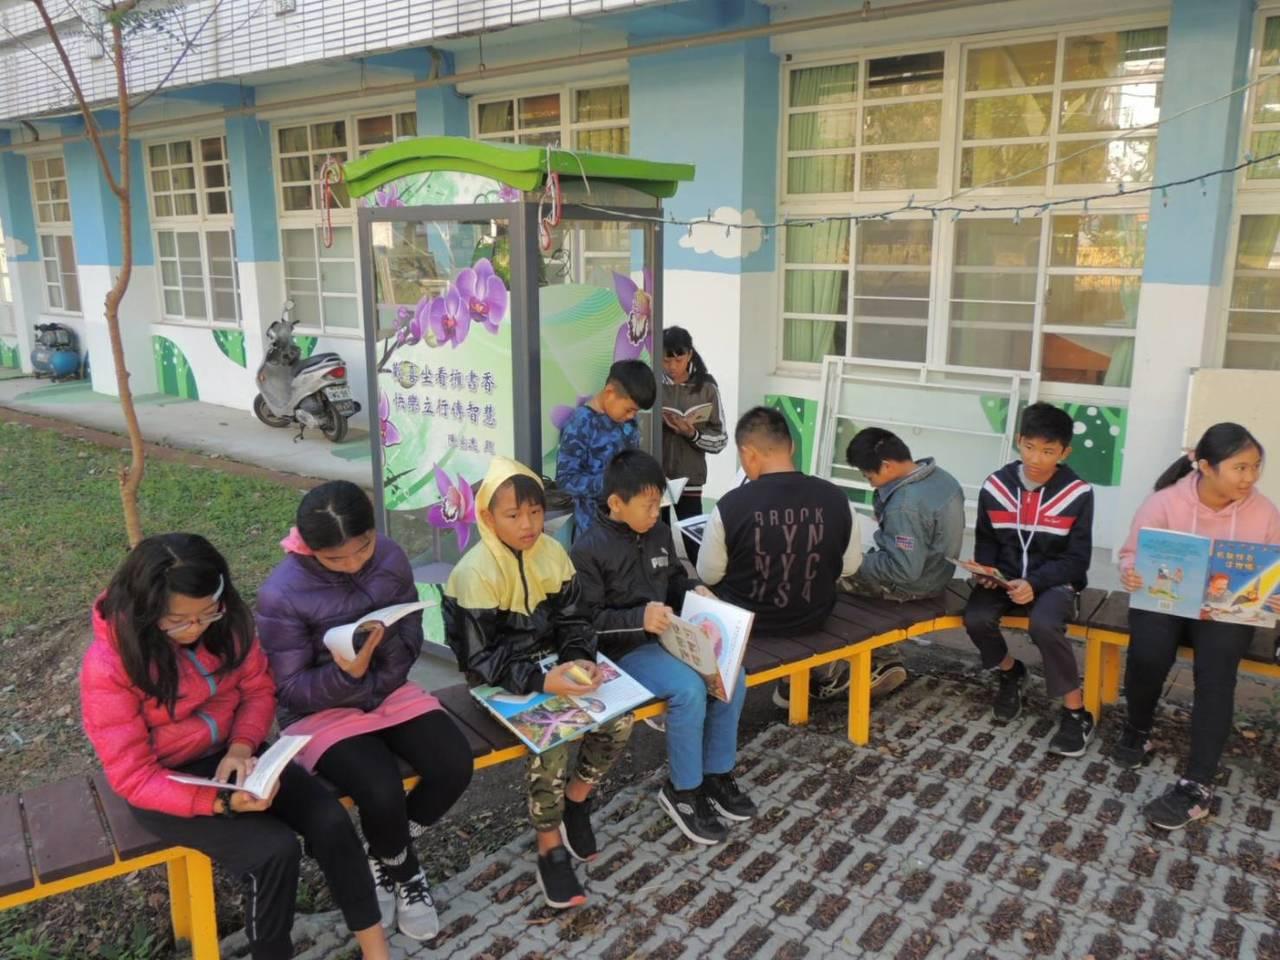 學童在電話亭前閱讀,假日還會有遊客進入校園看書。 記者徐白櫻/攝影